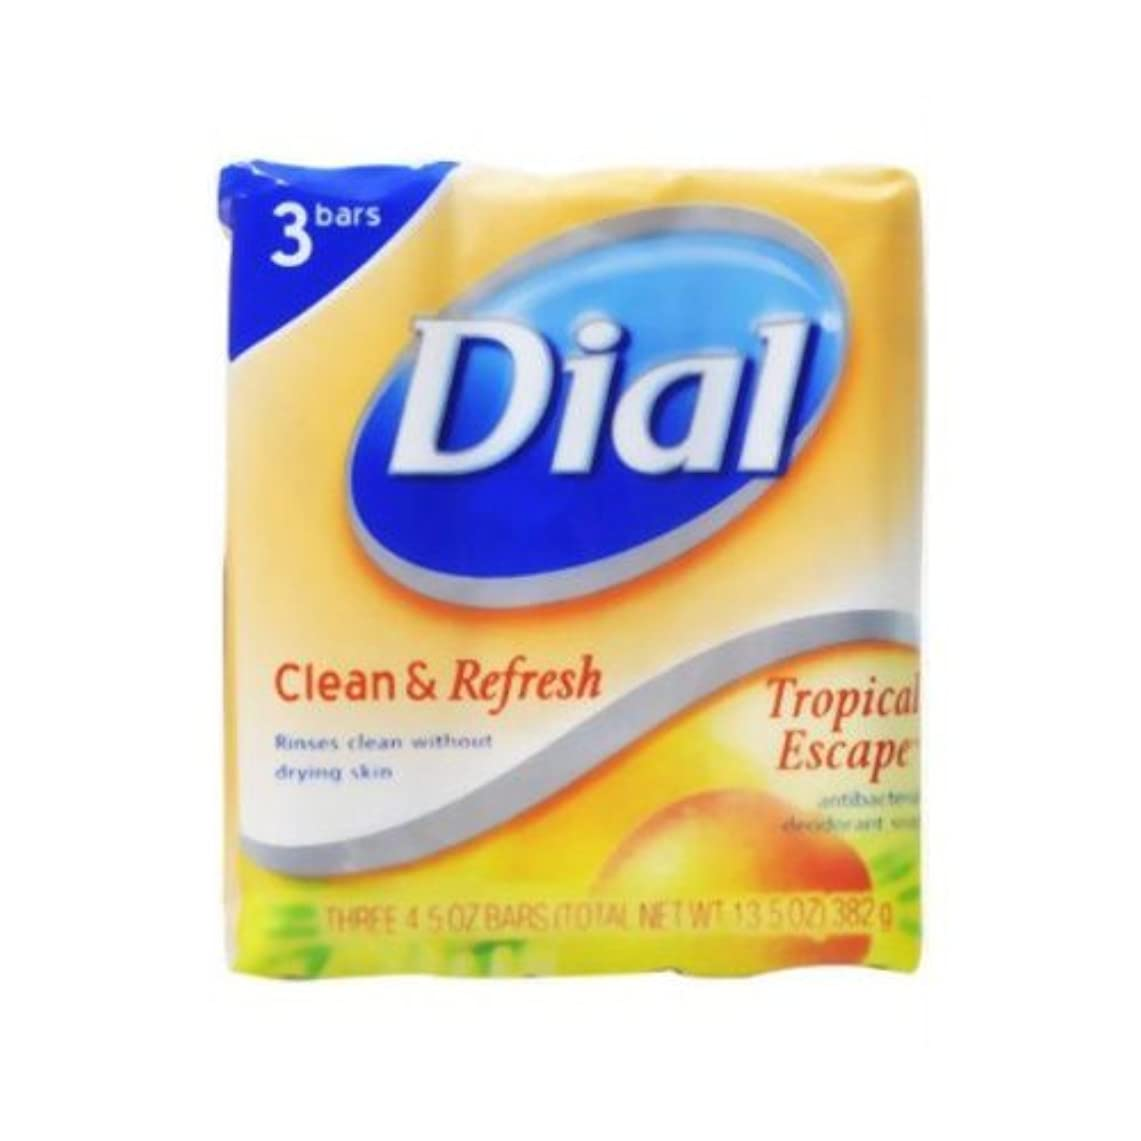 ドライバ対称適切に【DIAL】ダイアル デオドラント石鹸 トロピカルエスケープ 3個パック